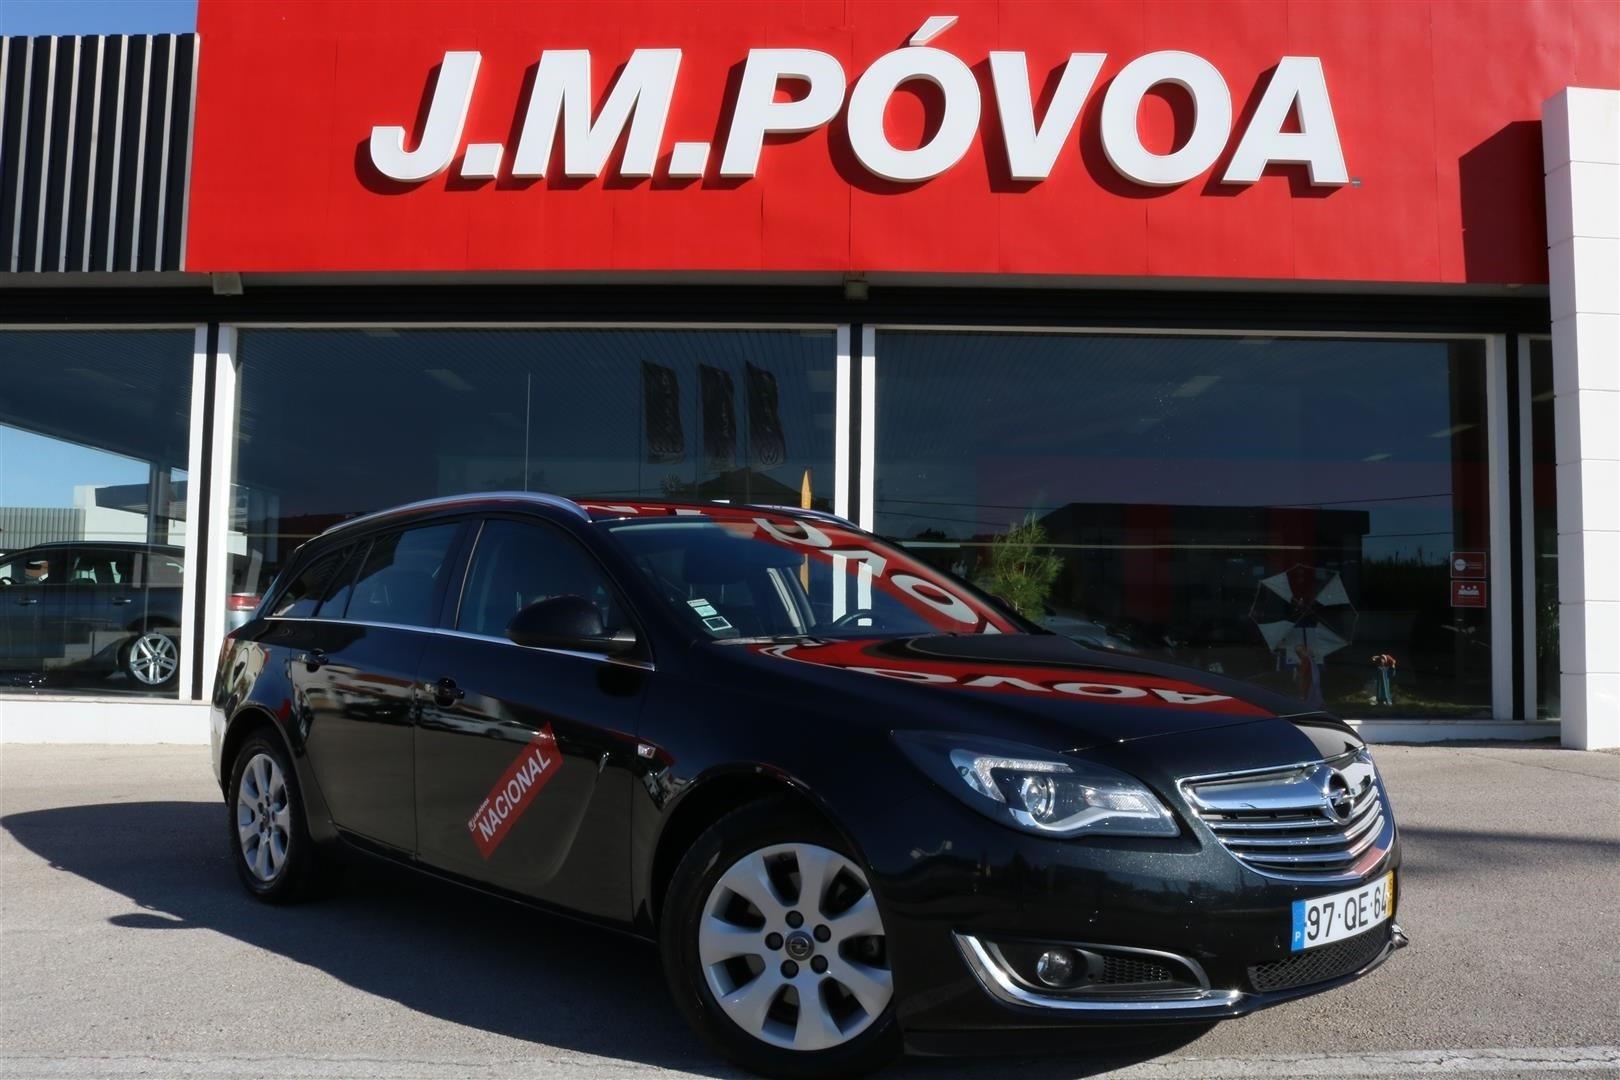 Opel Insignia Sports Tourer 2.0 CDTI Executive S/S 140cv